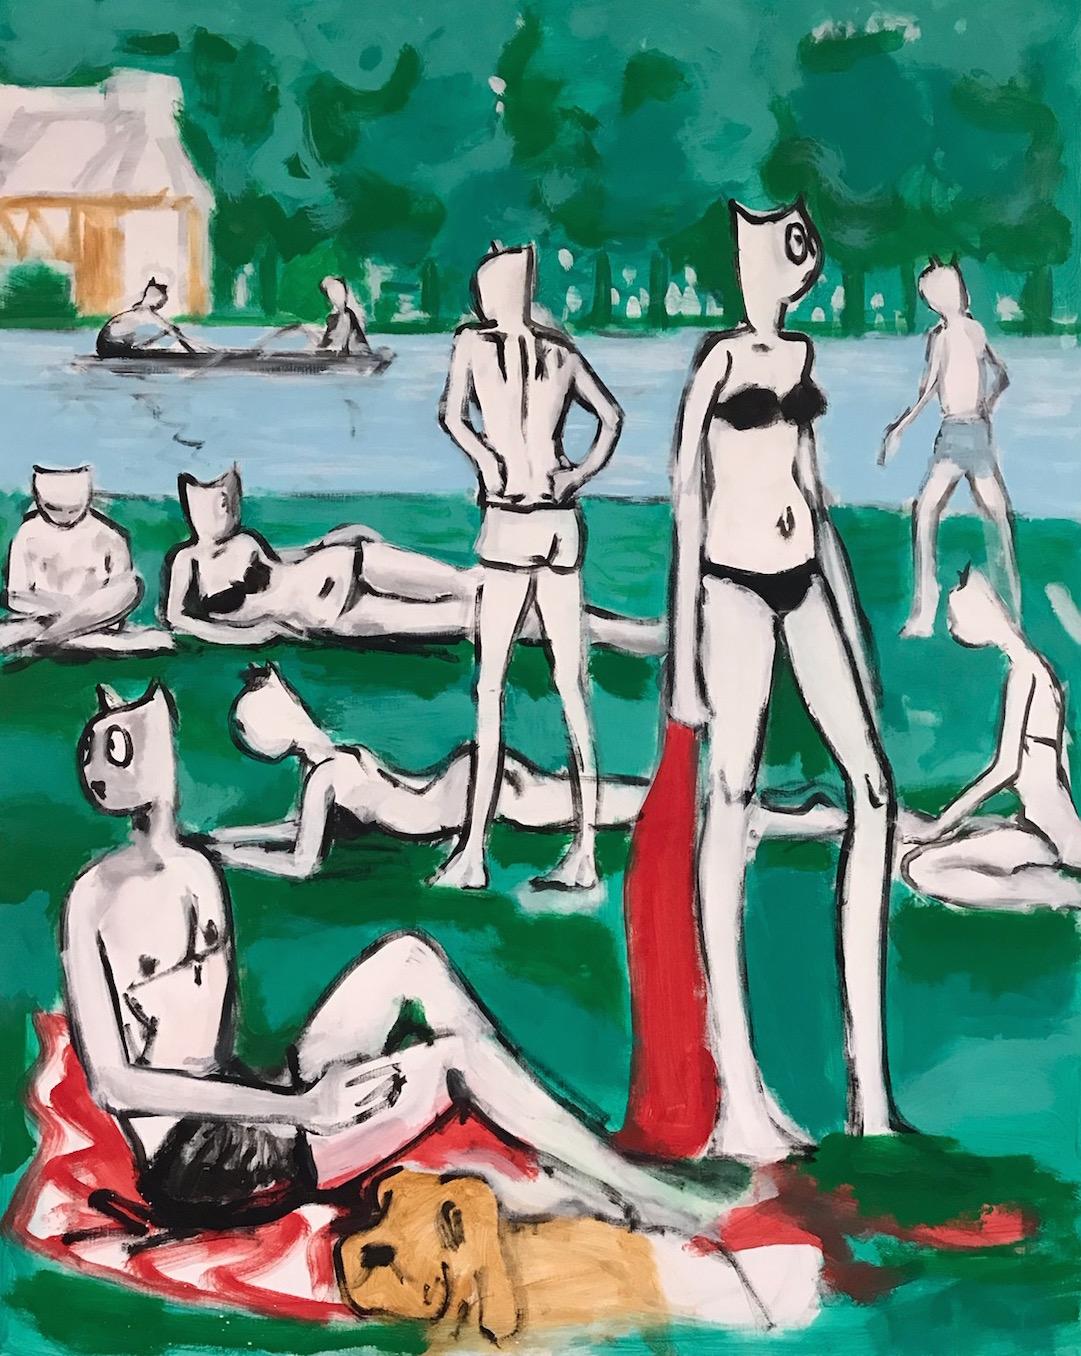 Alain SéchasBords de Marne, 2019Huile sur toile162 x 130 cmCourtesy de l'artiste et de la Galerie Laurent Godin